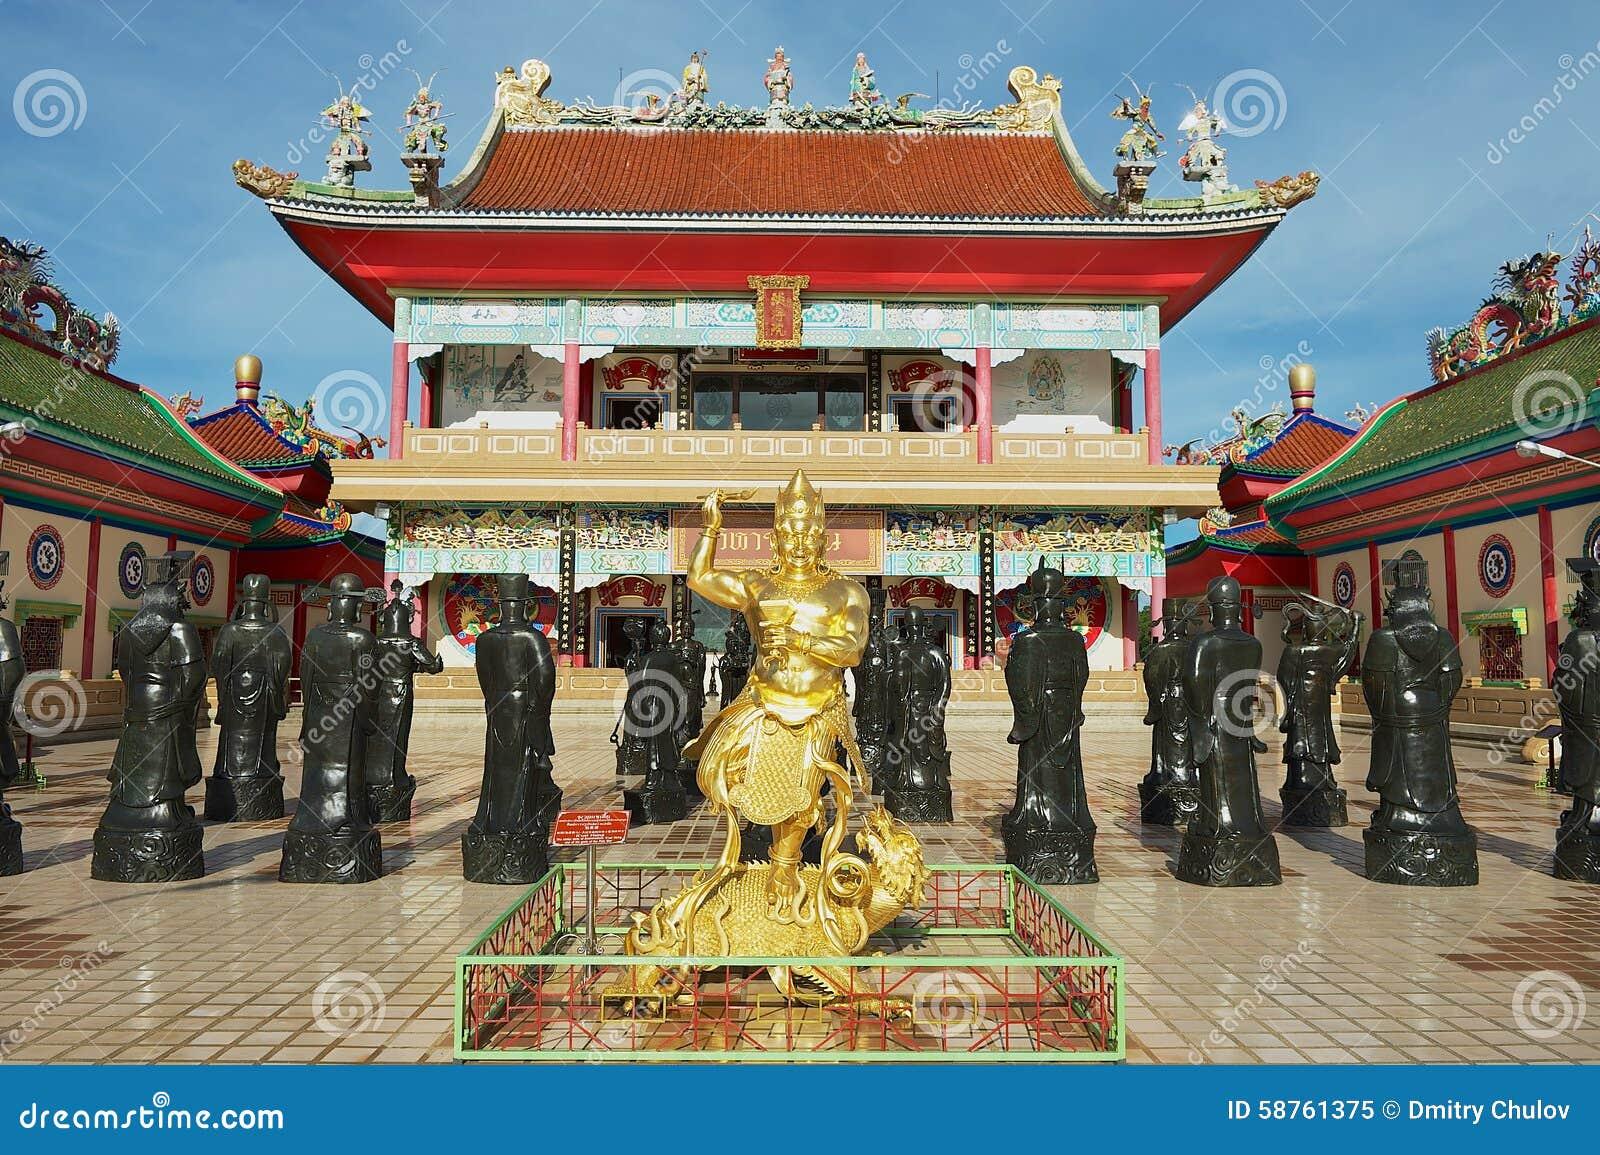 Εξωτερικό των αγαλμάτων των κινεζικών μοναχών Shaolin στον κινεζικό ναό Anek Kusala Sala (Viharn Sien) σε Pattaya, Ταϊλάνδη